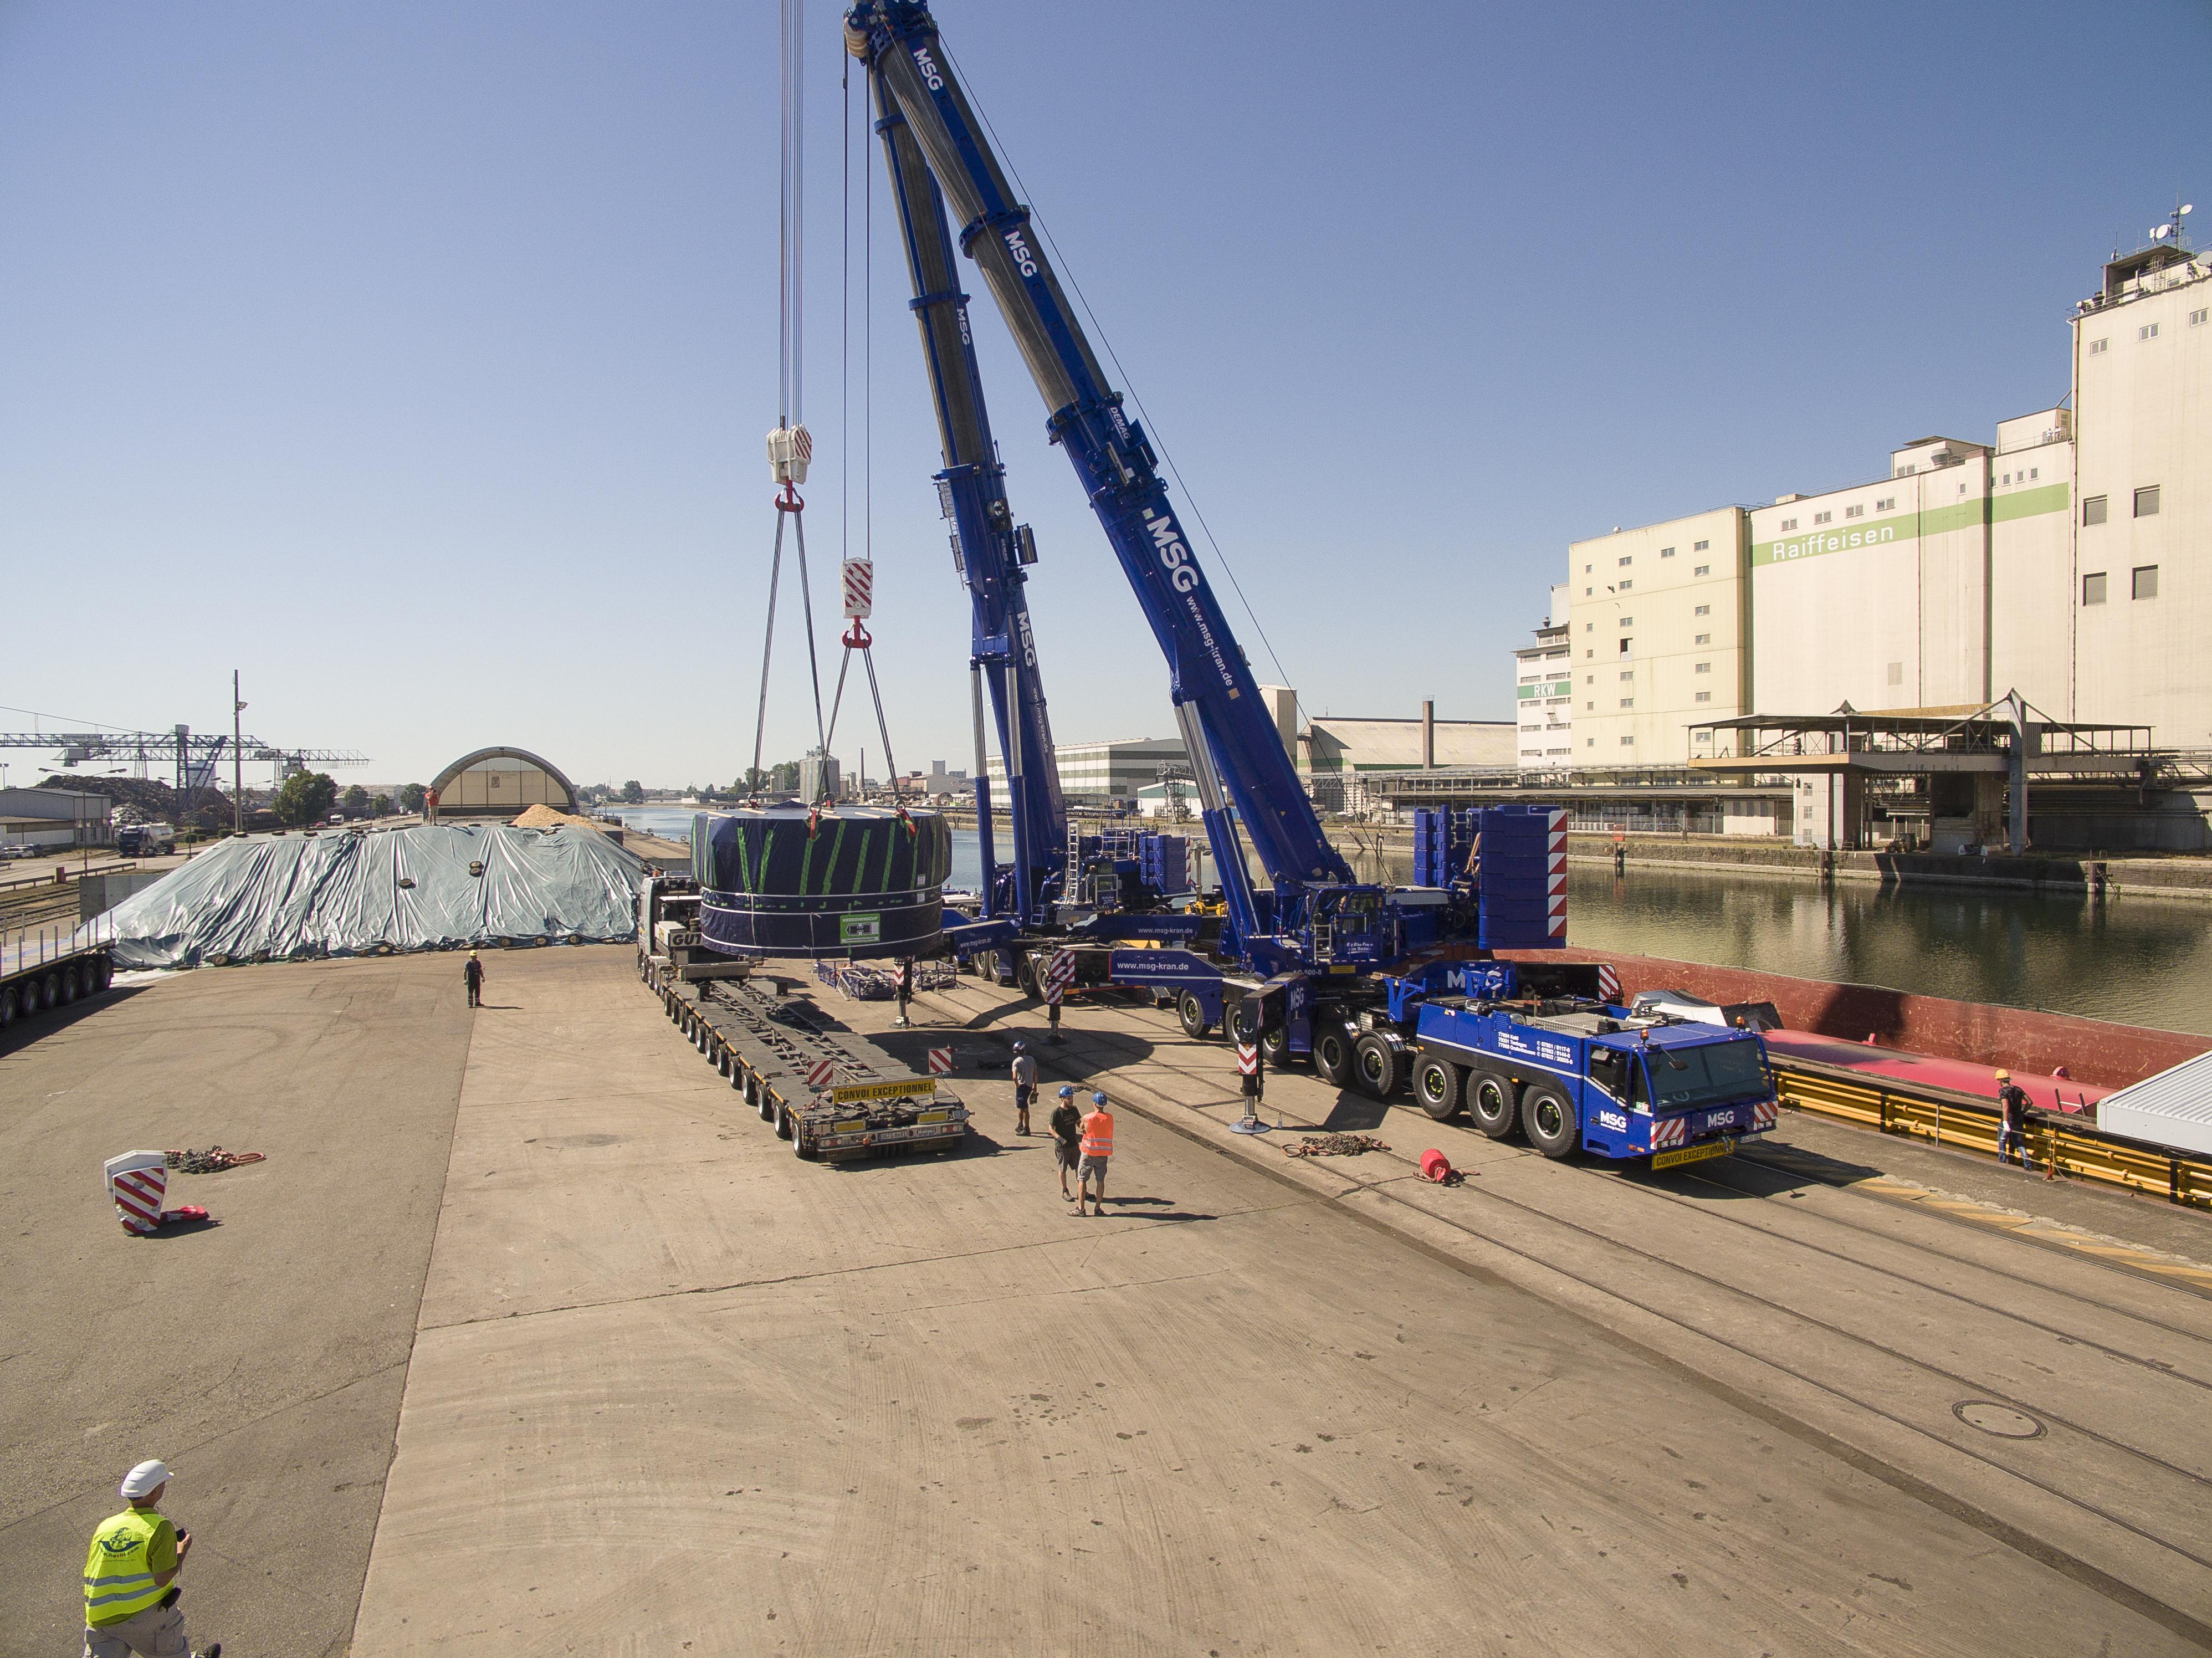 Tandemhub im Demag-Doppelpack: Demag® AC 500-8 und Demag® AC 700-9 All-Terrain-Krane heben 200 Tonnen Bohrkopf-Antrieb